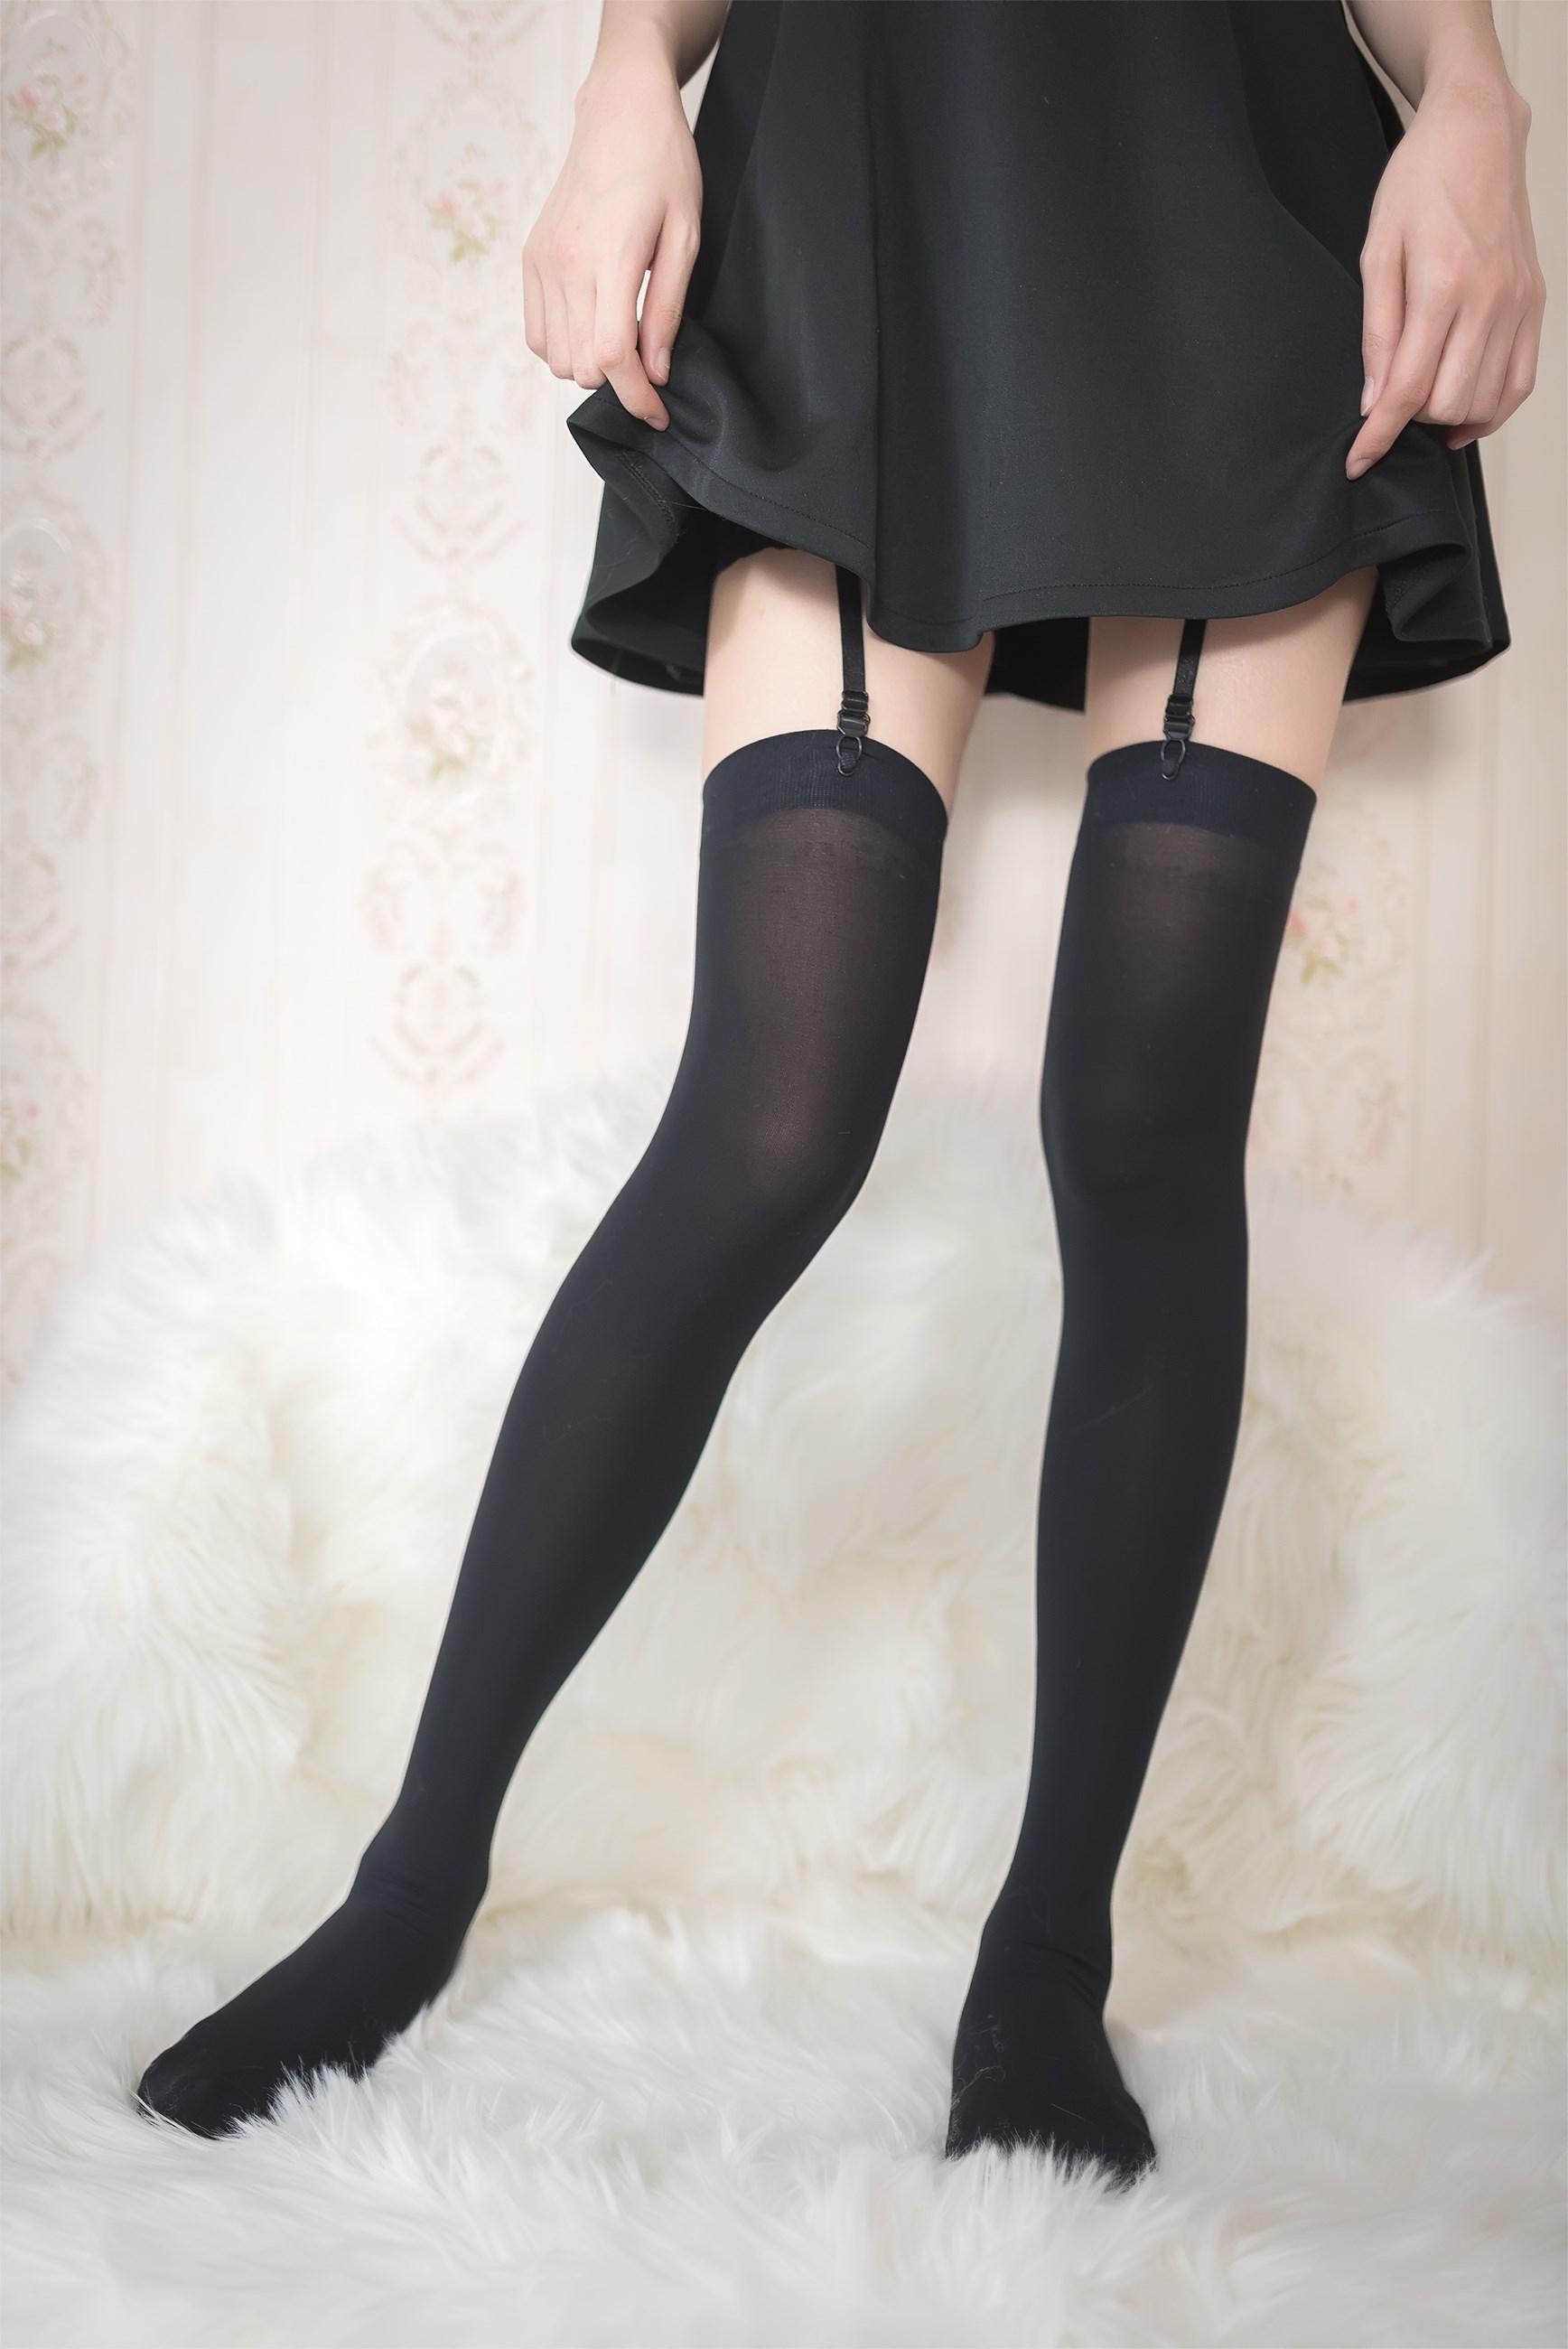 【兔玩映画】吊带 · 丝袜 · 天使 兔玩映画 第42张